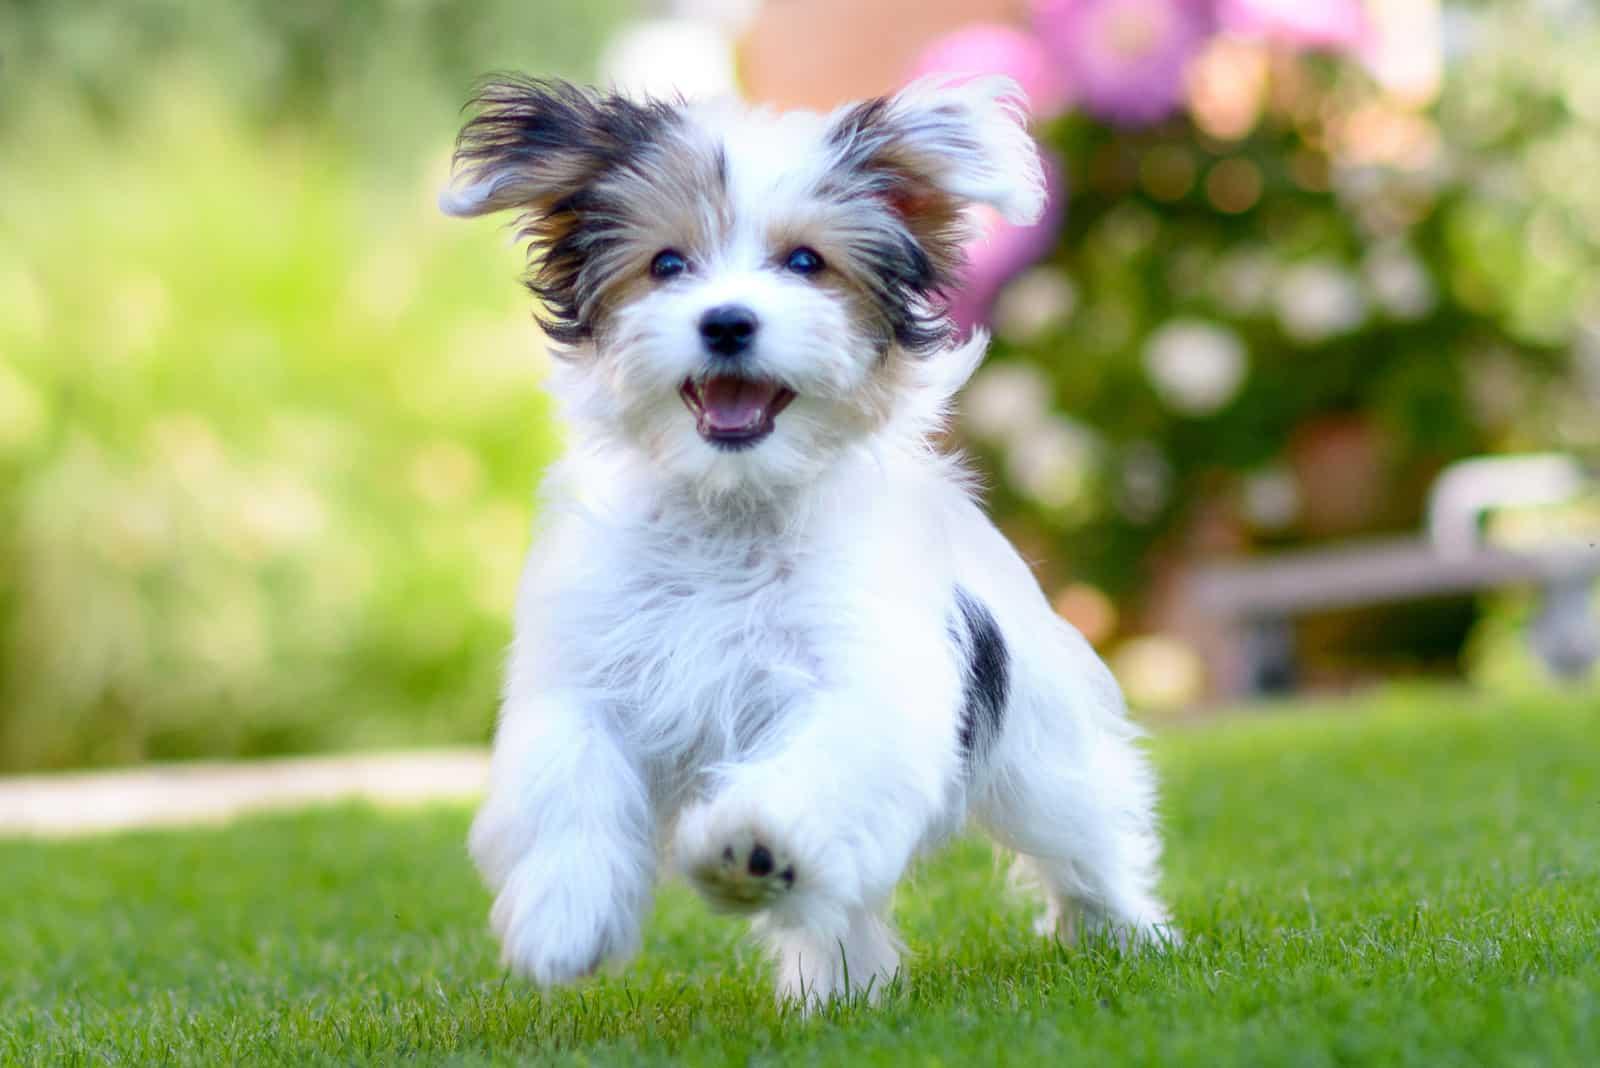 Ein schöner Hund rennt über die Wiese